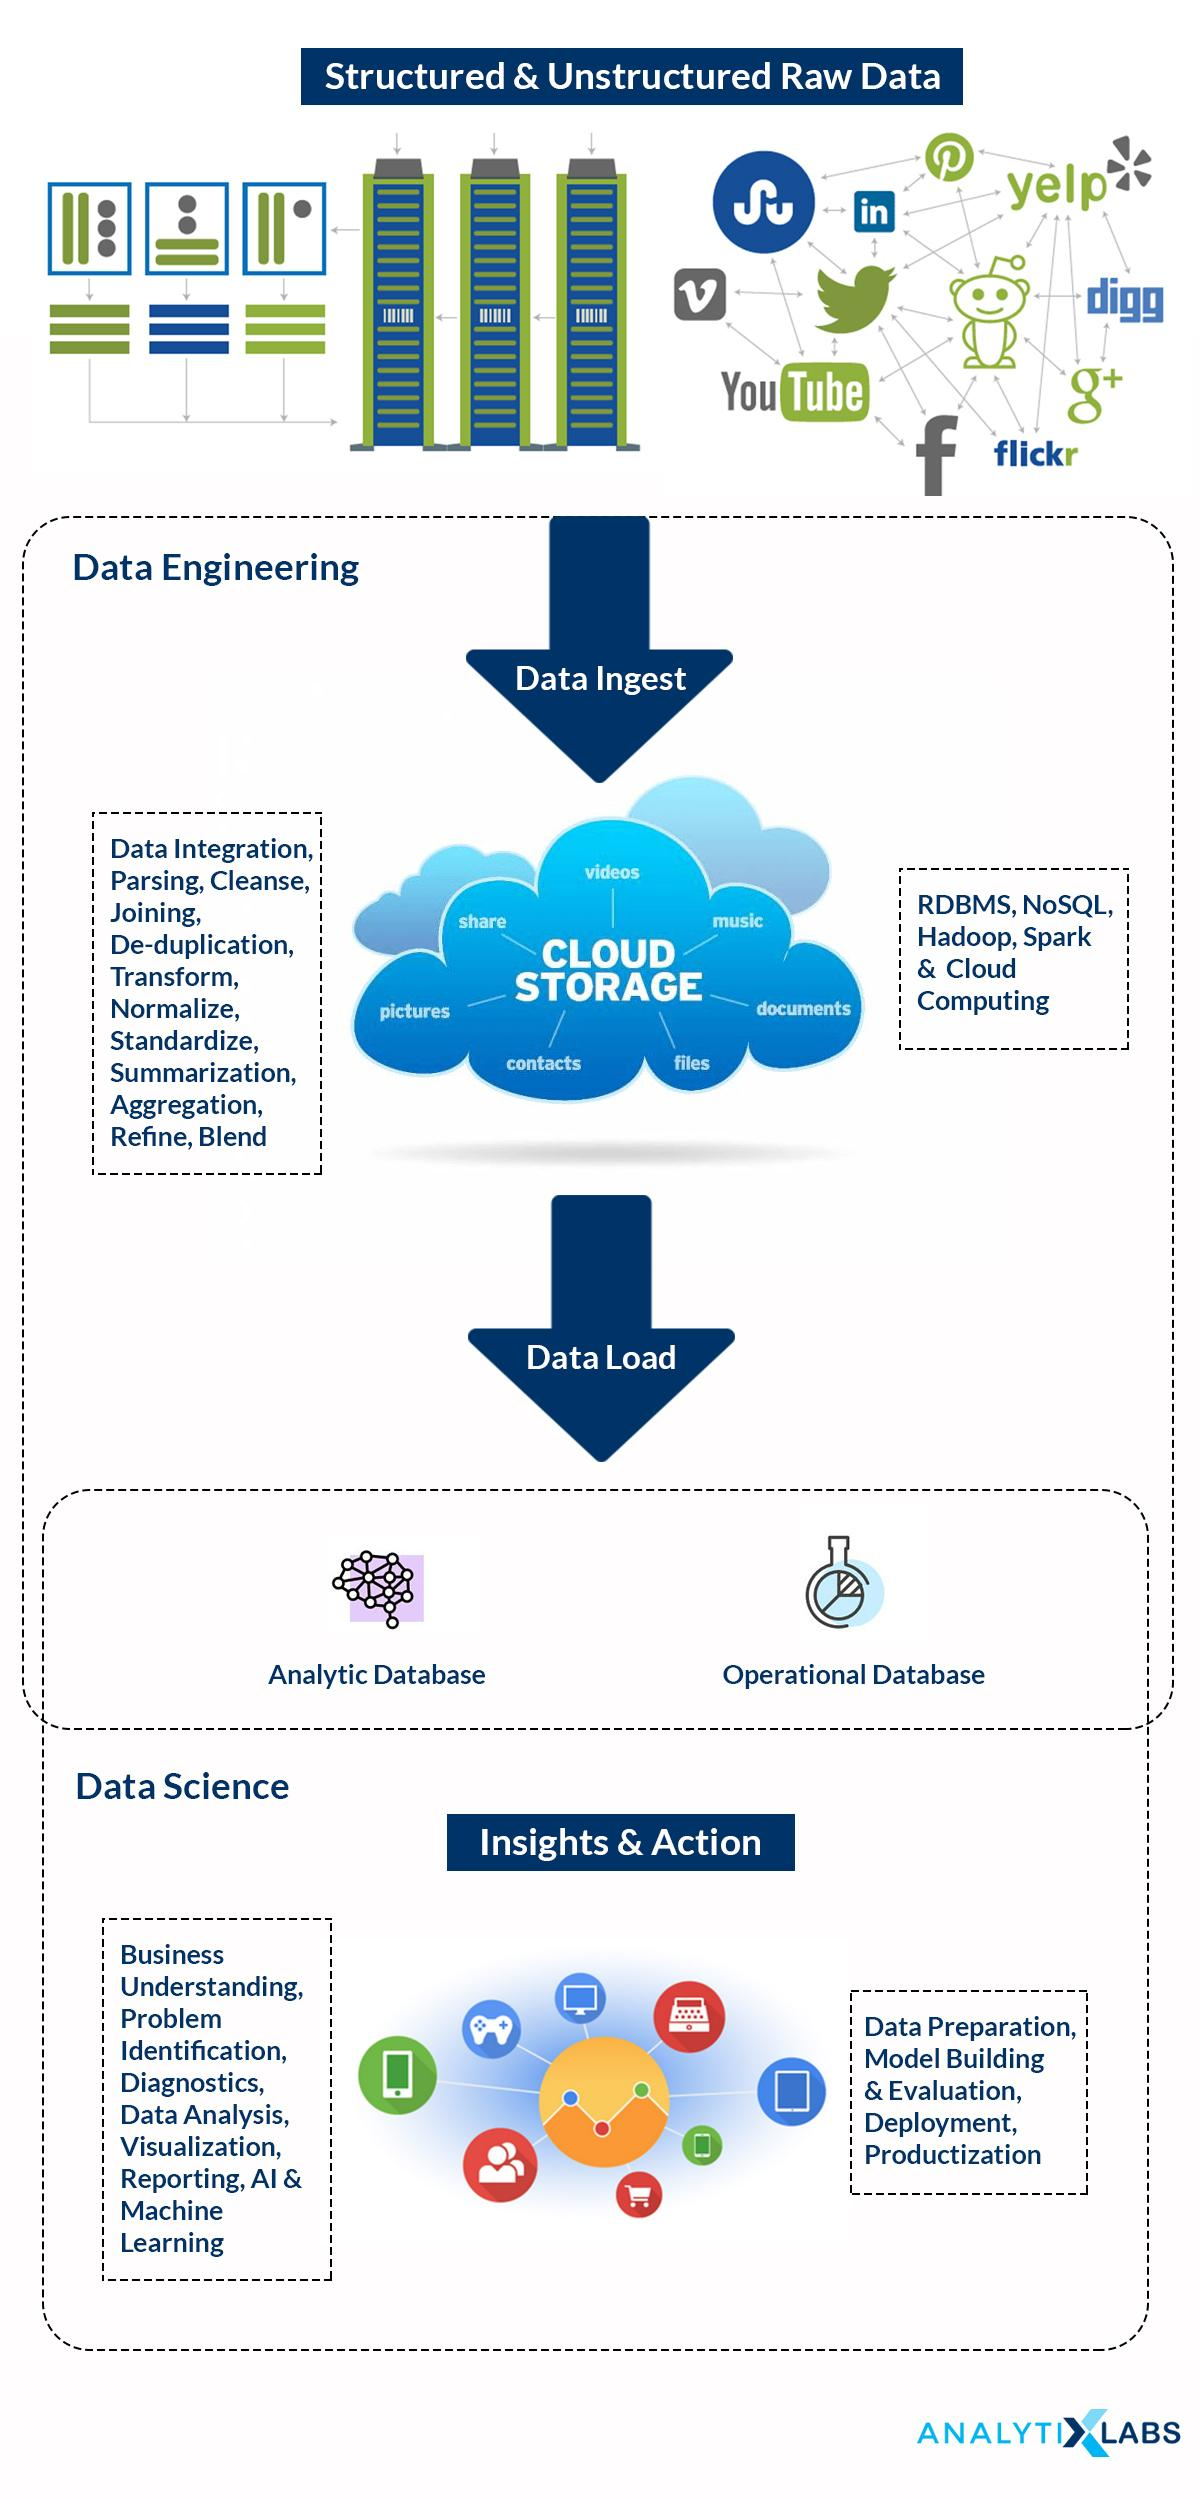 Relationship between Data Engineering & Data Science